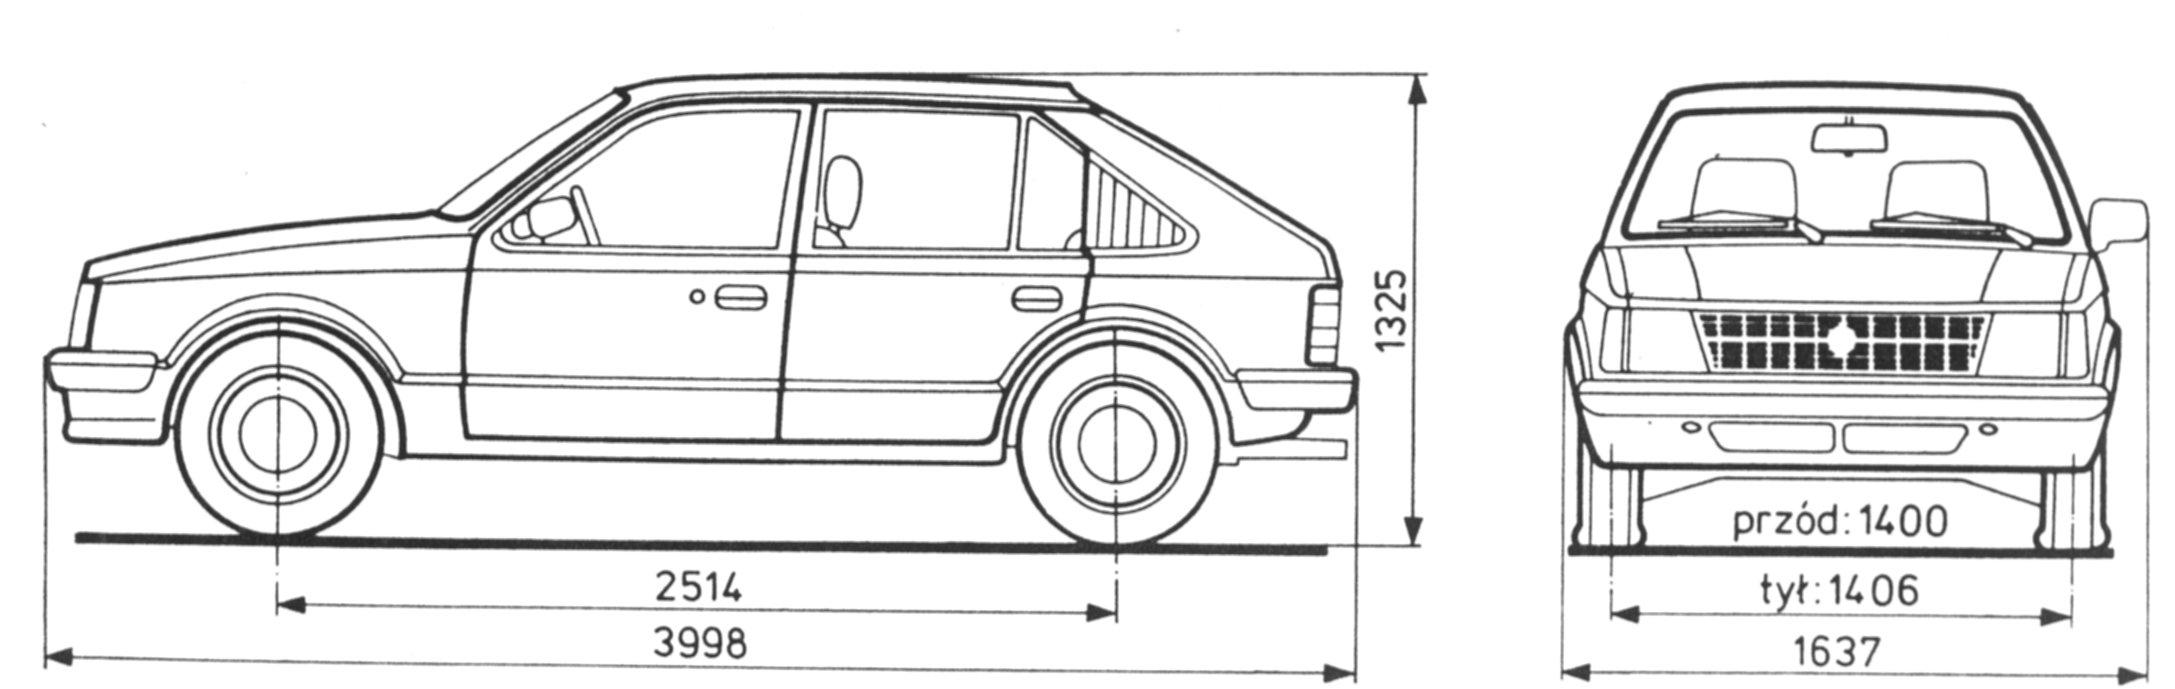 Opel Kadett D Blueprint.